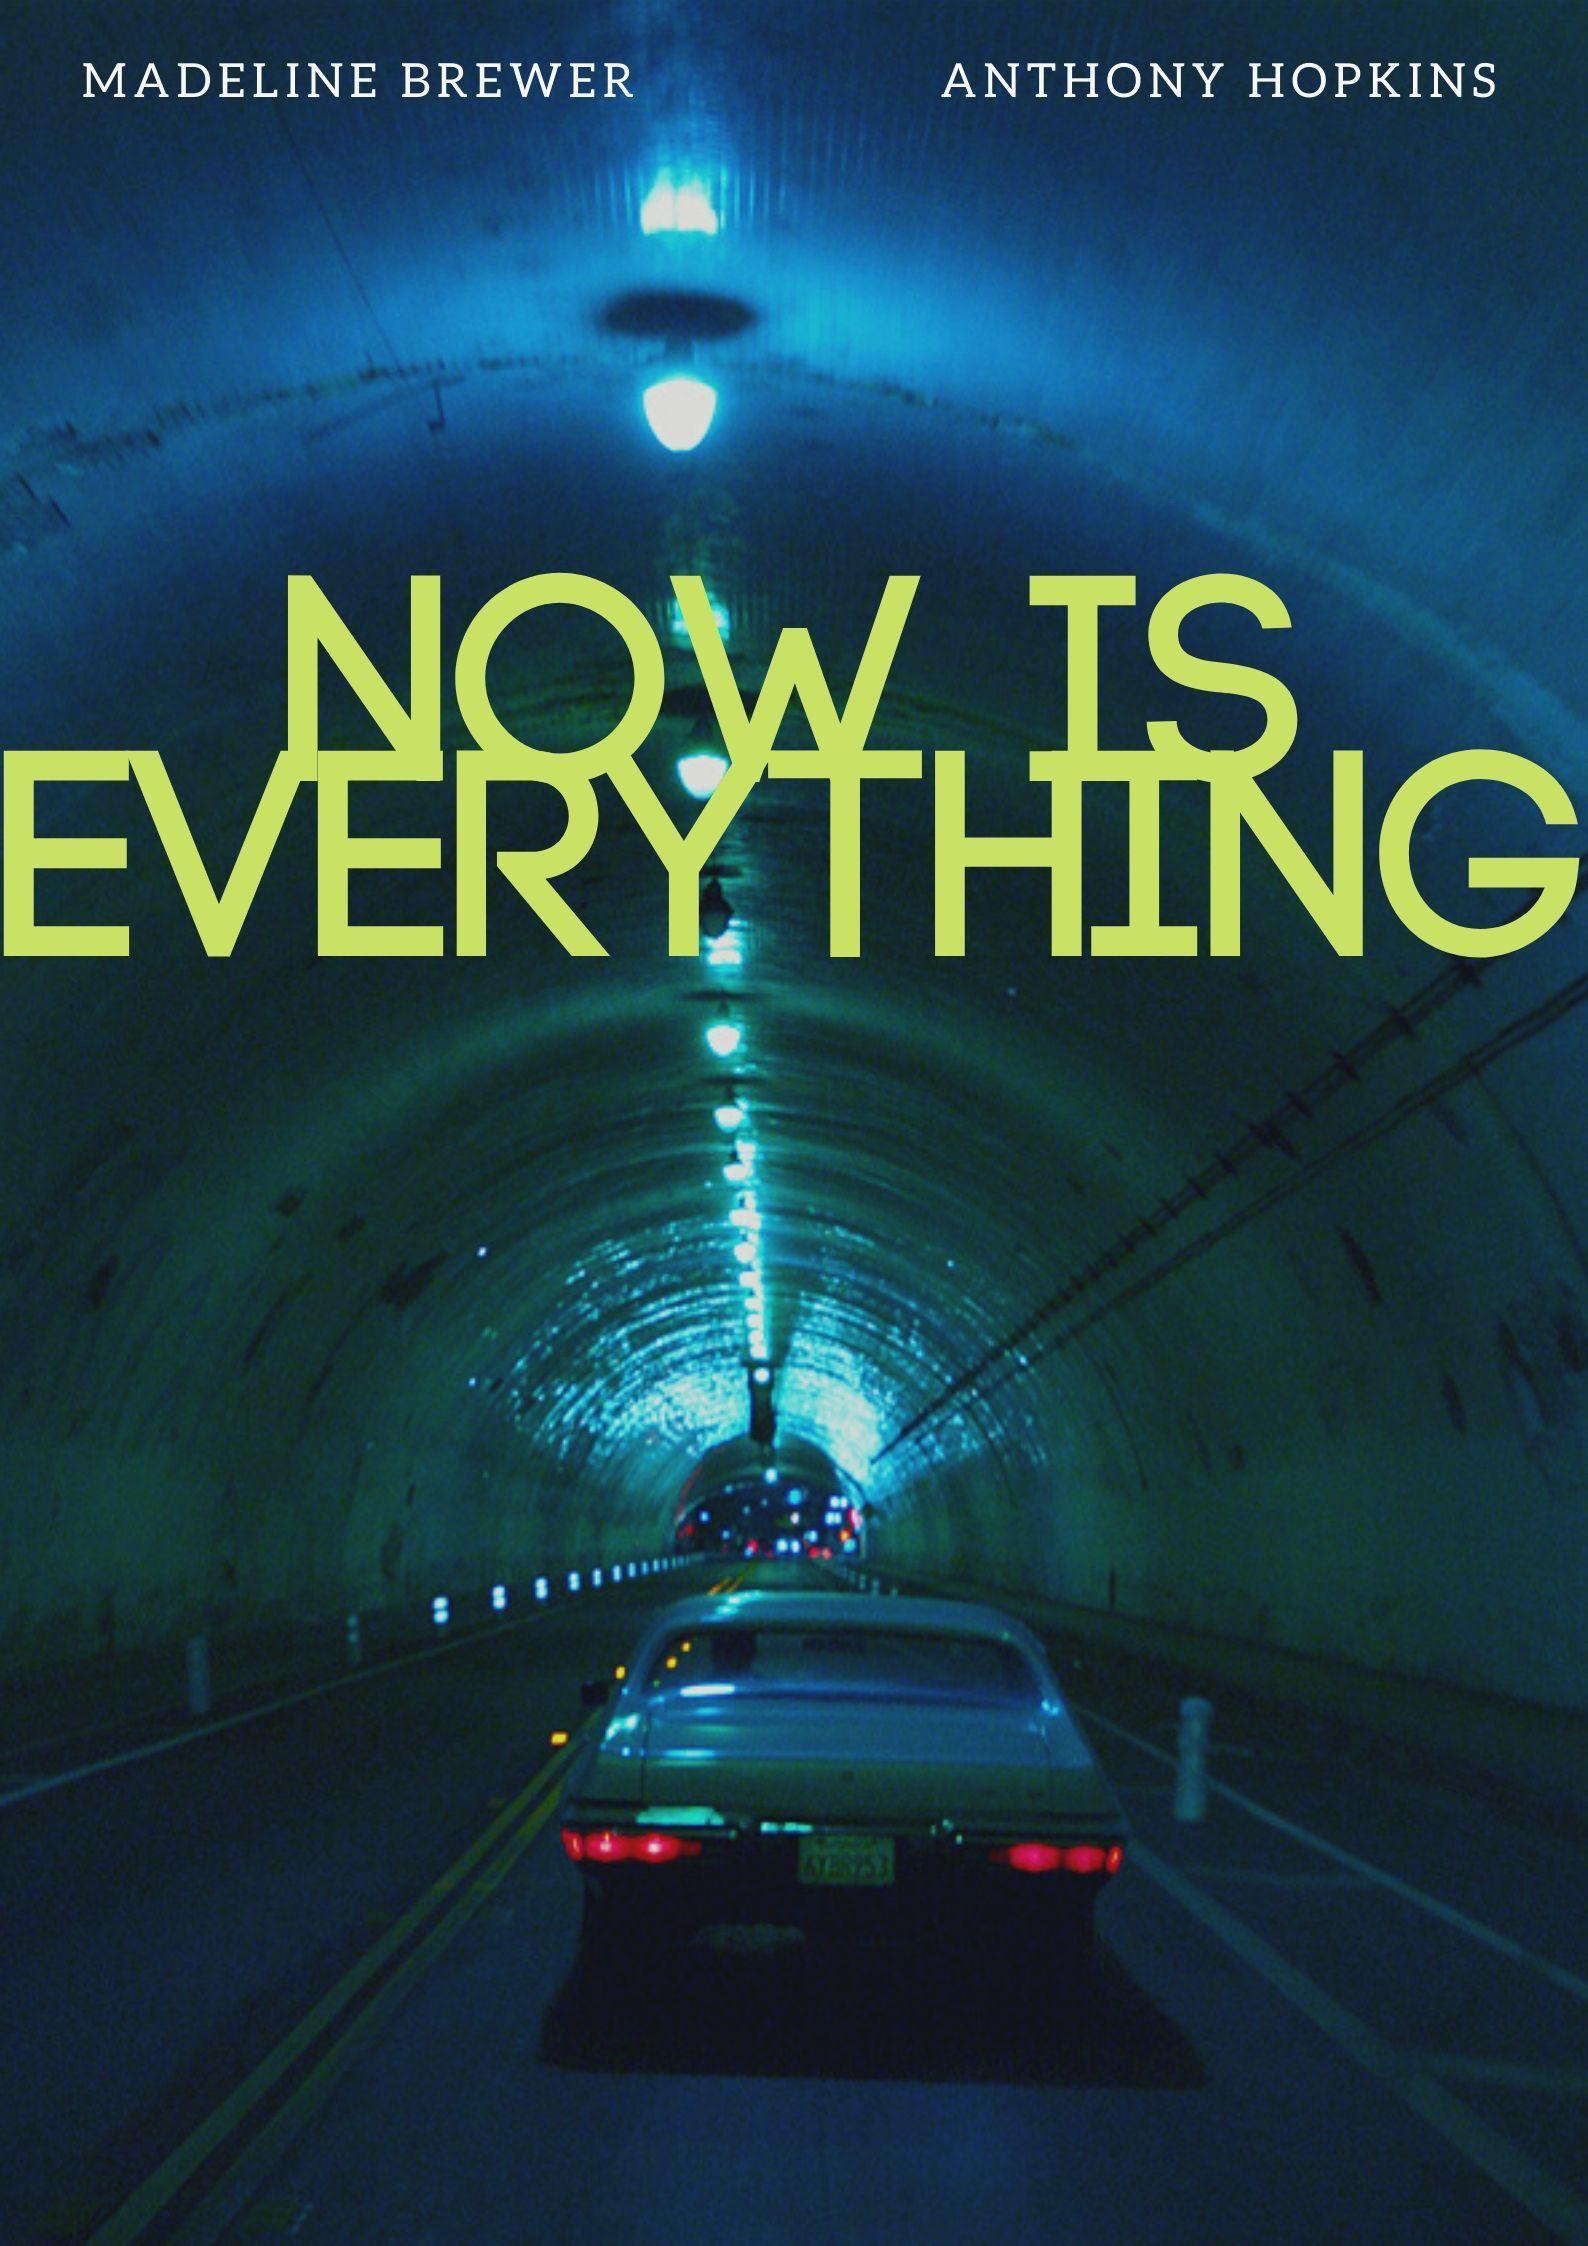 When_We_Met_Movie_Poster_large_jpg.jpg